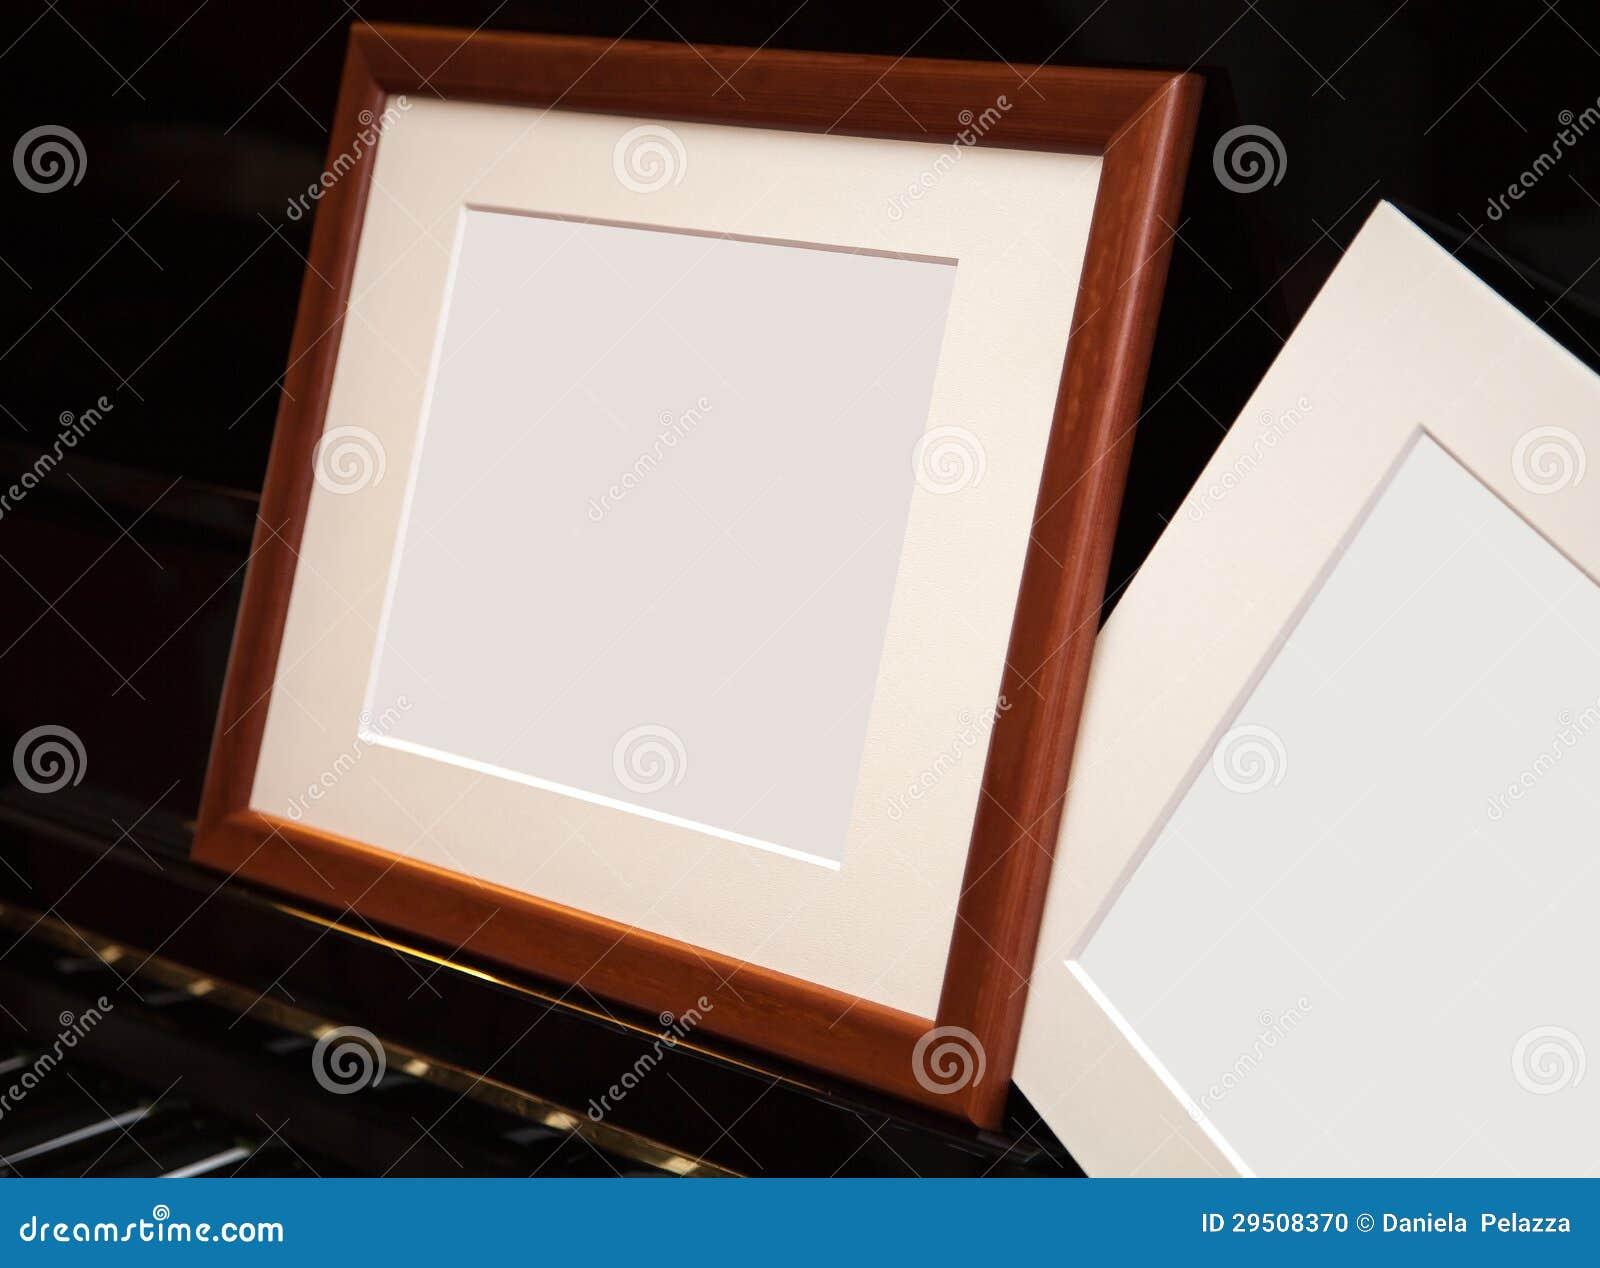 Een leeg frame op een pianoforte